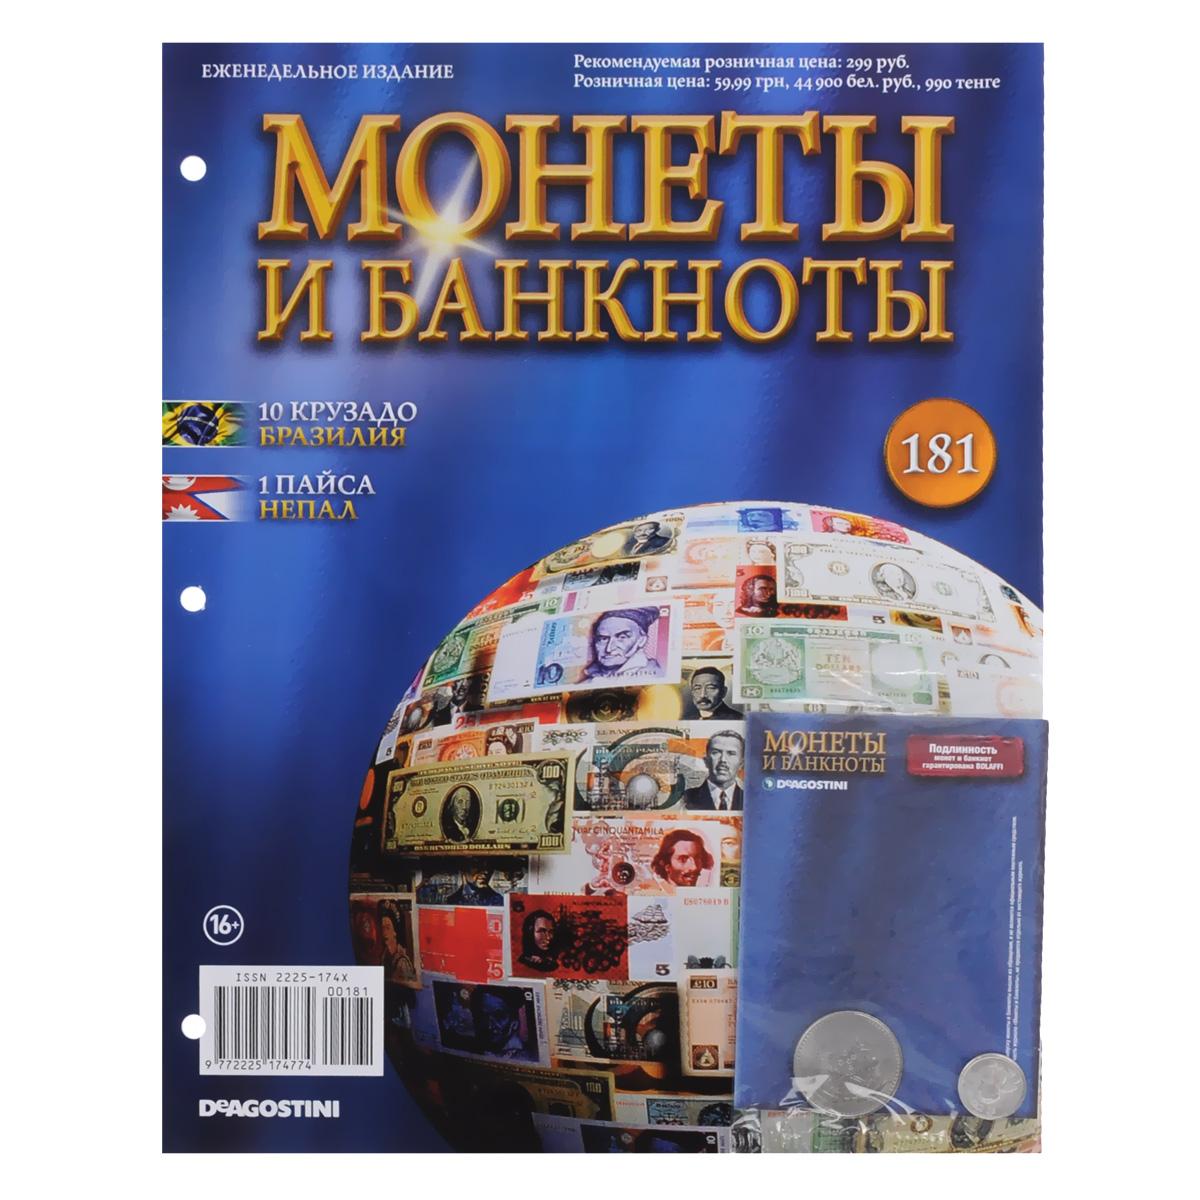 Журнал Монеты и банкноты №181